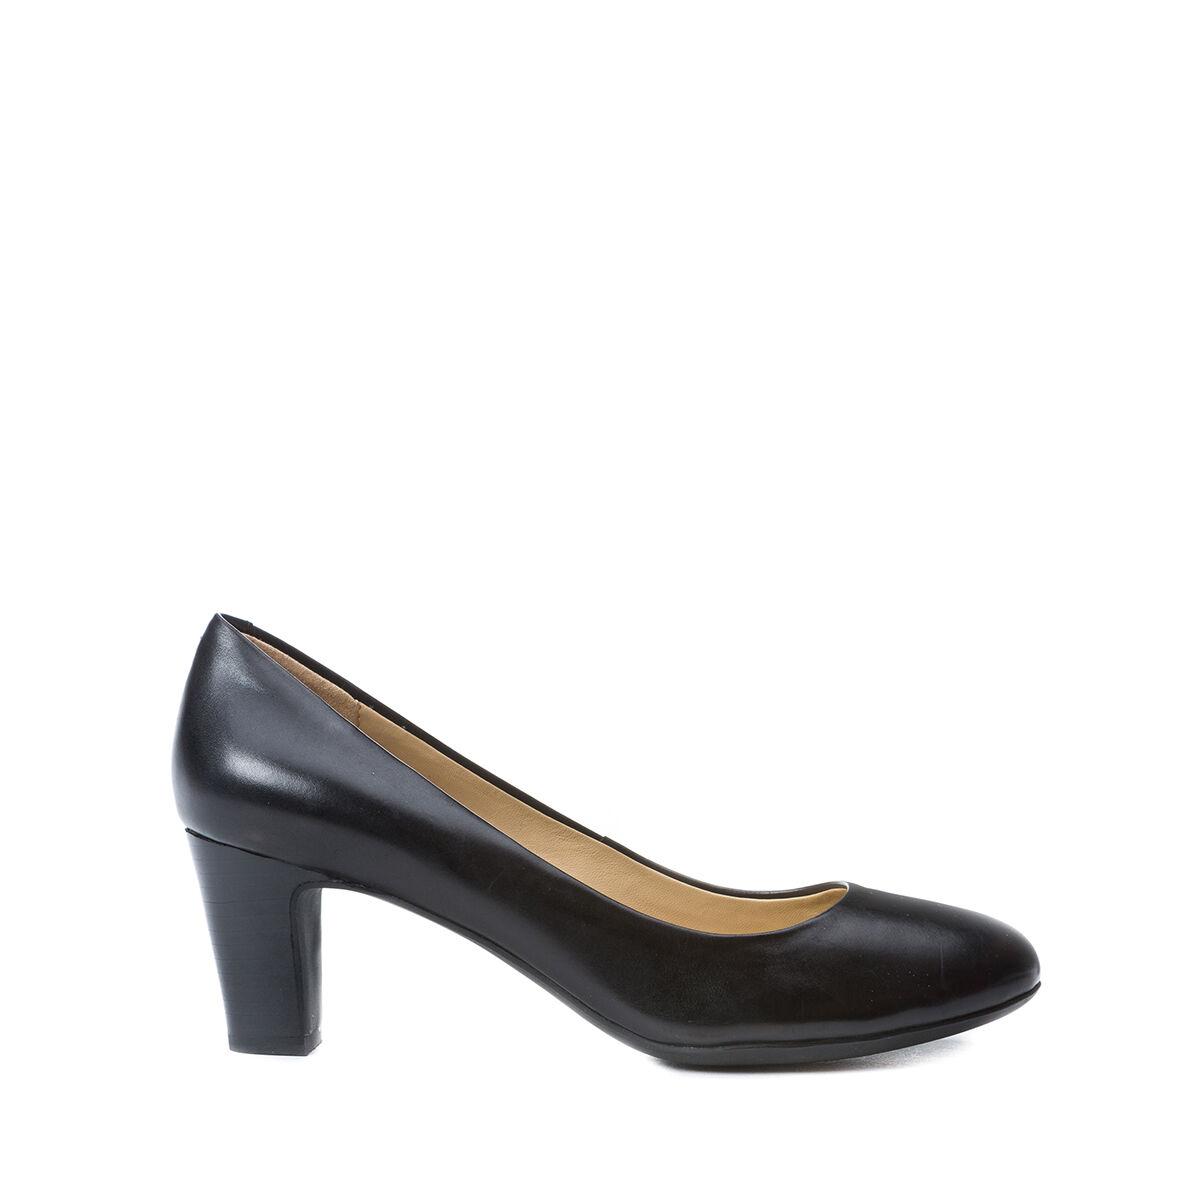 GEOX shoes women DECOLTE' IN VITELLO black TACCO MEDIO LINEA MARILENE